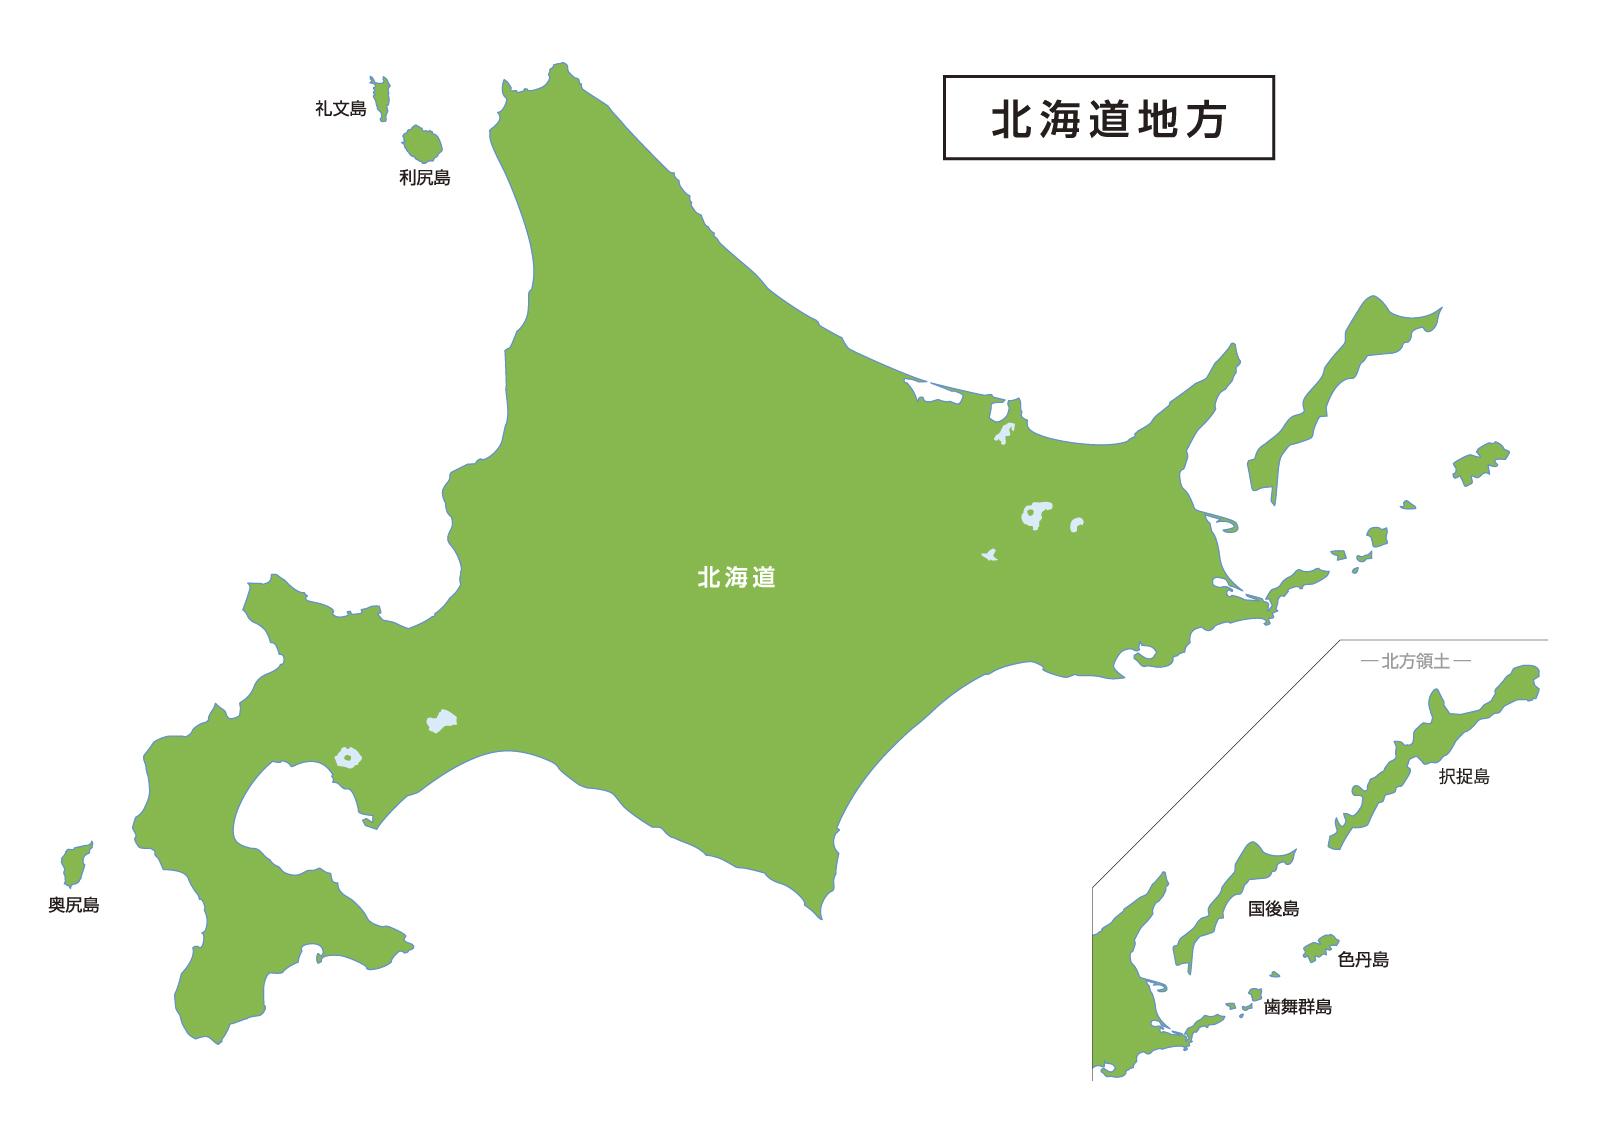 北海道で債務整理・任意整理の費用が安いと評判の事務所を選ぶべき?